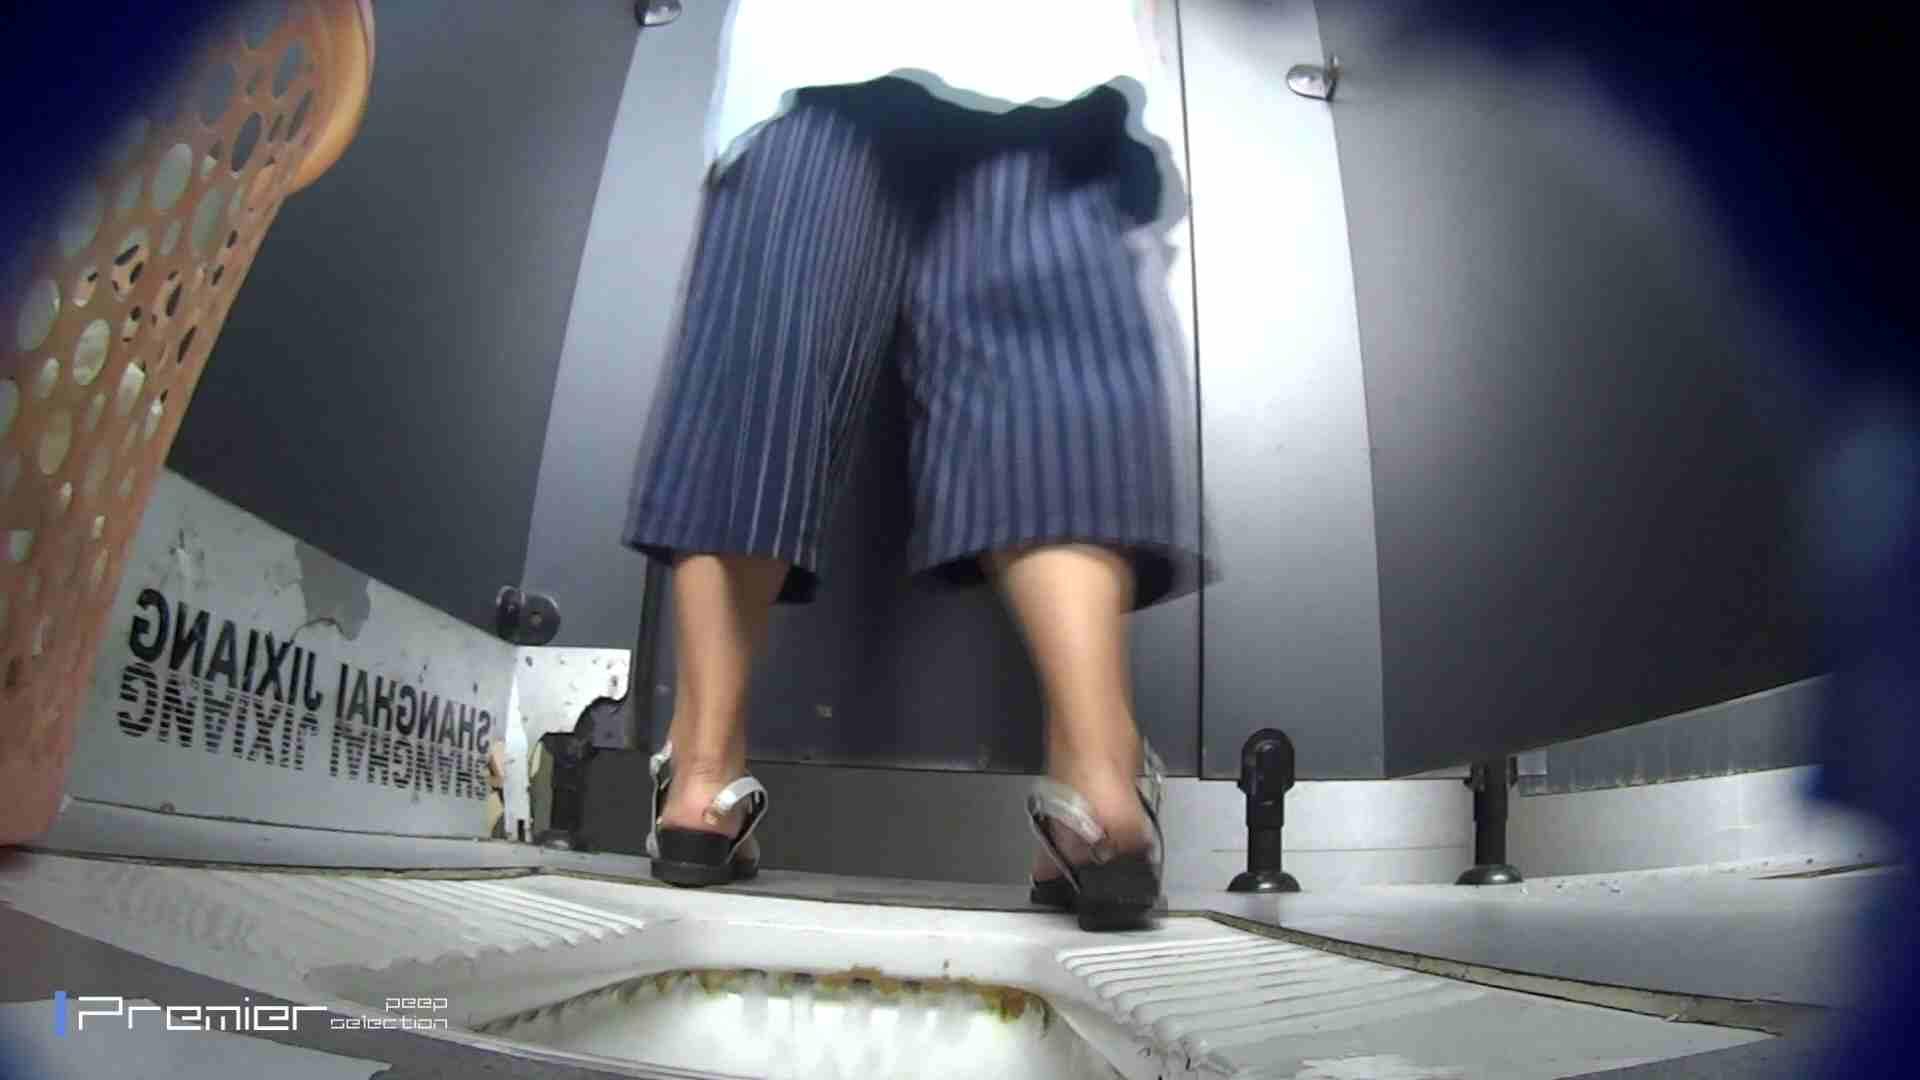 びゅーっと!オシッコ放出 大学休憩時間の洗面所事情47 高画質  64PIX 36